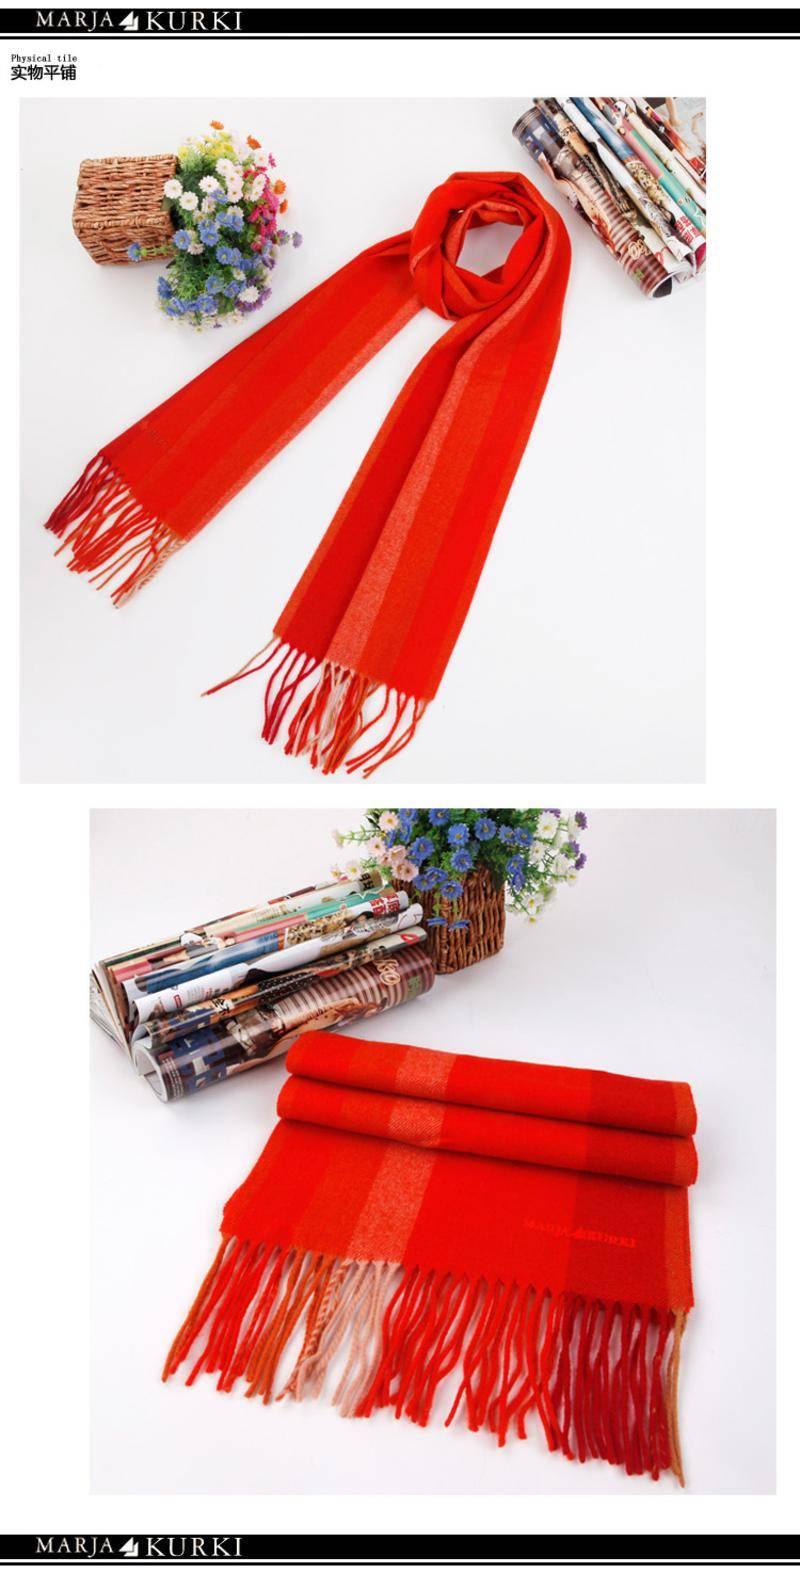 女士羊毛纱巾-女士羊毛纱巾批发、促销价格、产地货源 - 阿里巴巴